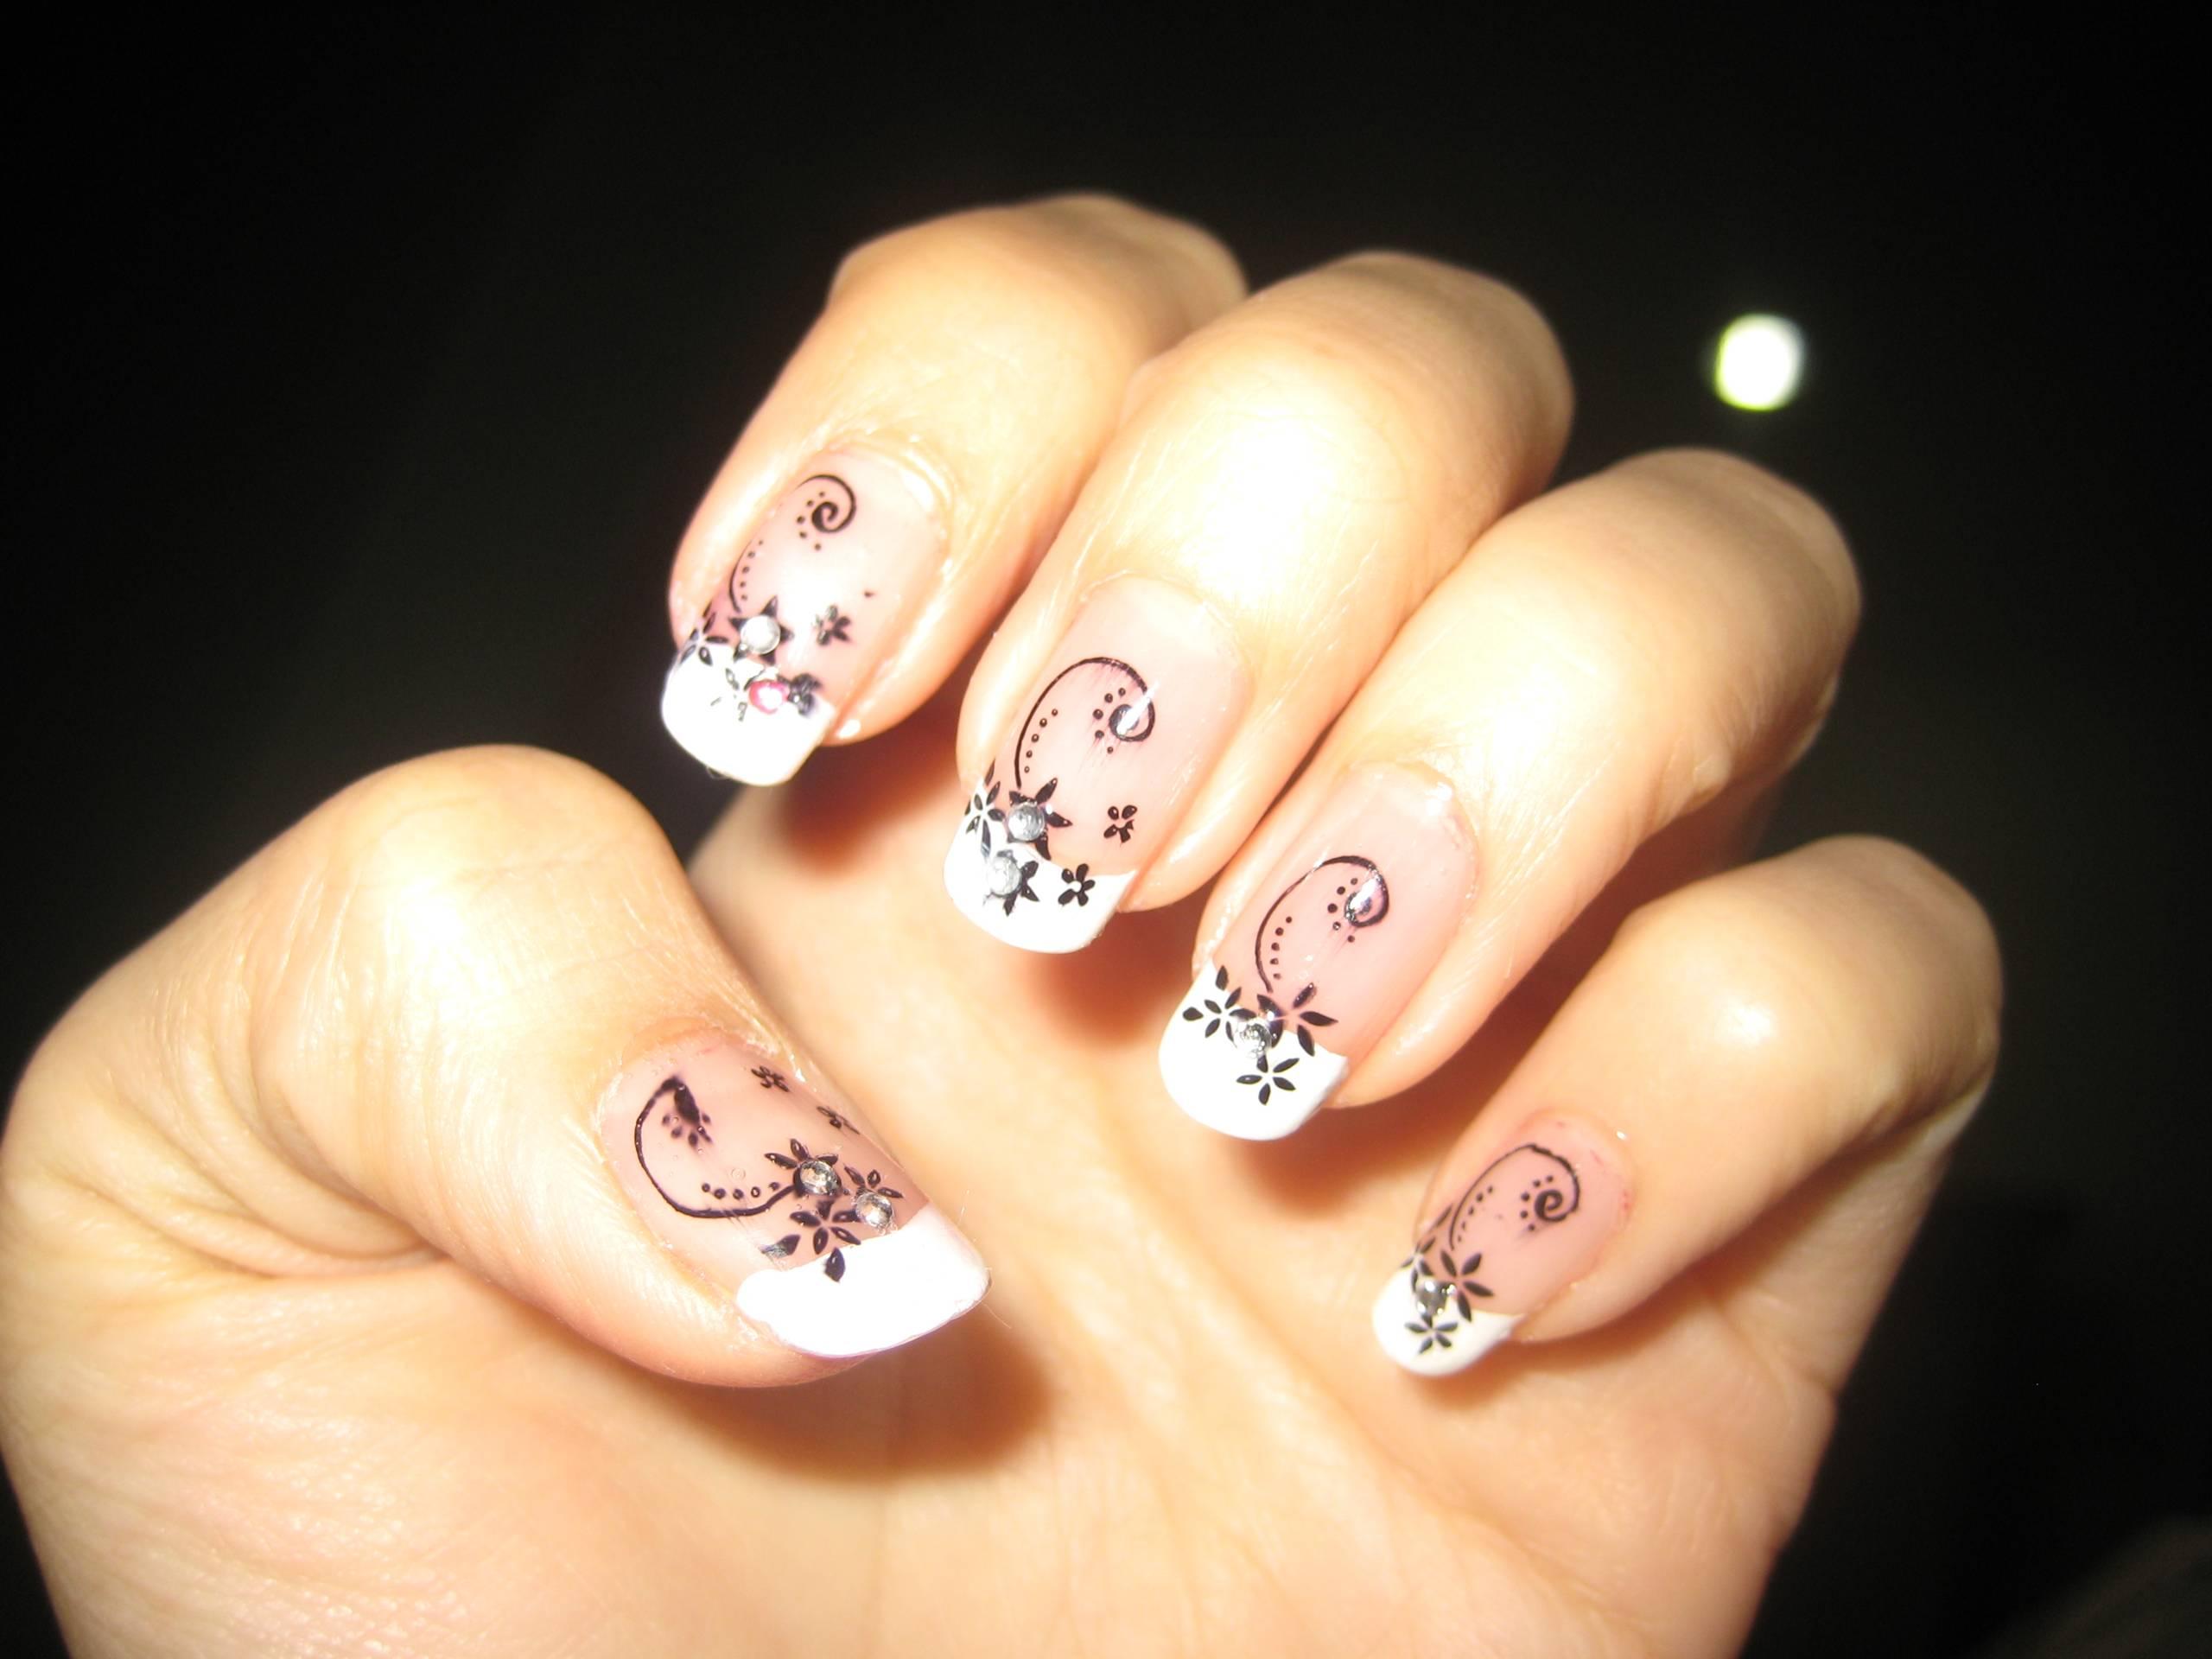 Konad Nail Art Stamping Polish Black: Glamour queen nails base ...